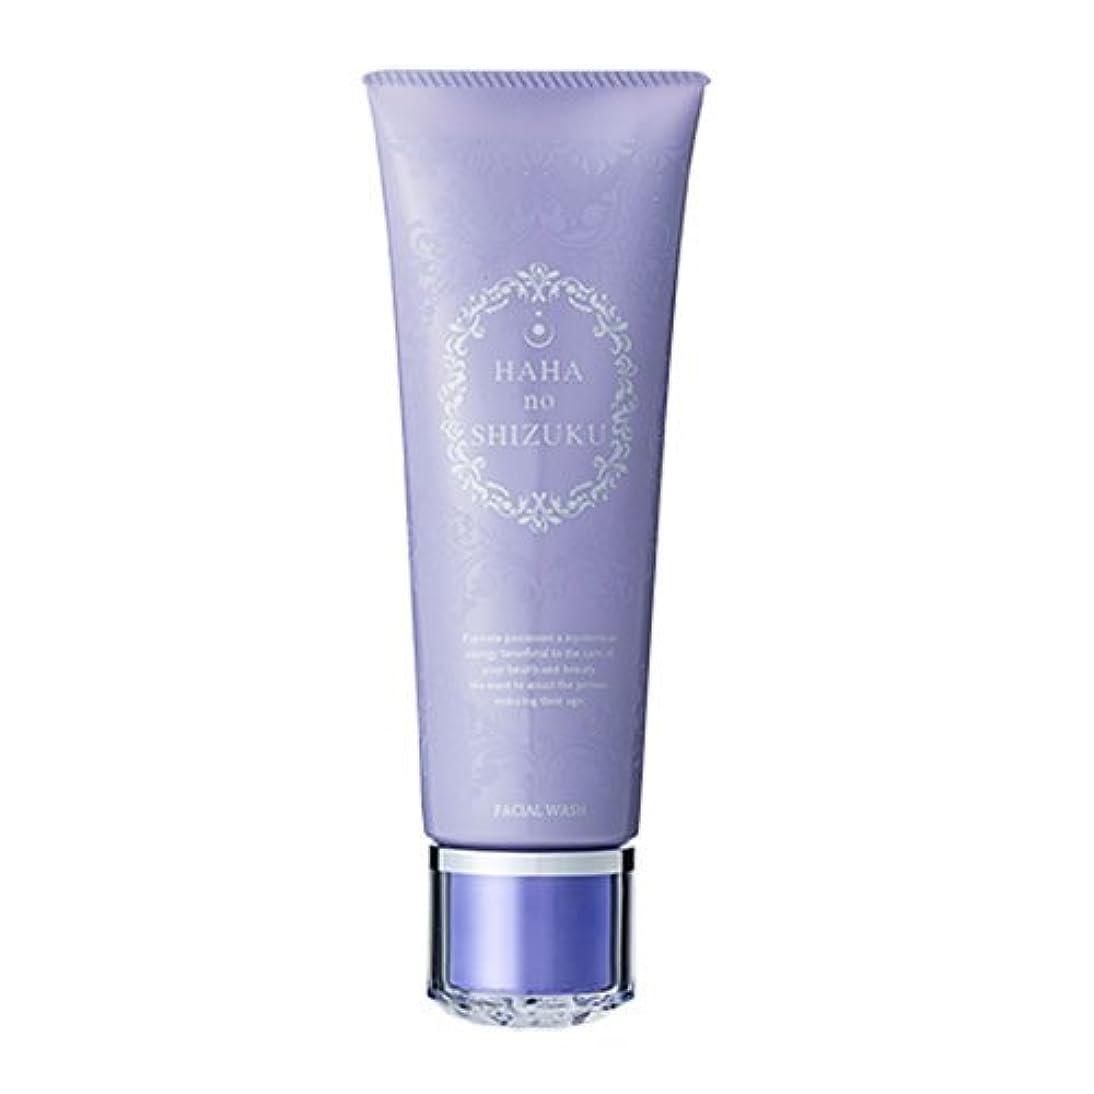 ロータリー標高士気母の滴 プラセンタ洗顔フォーム 敏感肌にも安心 アミノ酸系洗浄剤 (122g) プラセンタエキス サイタイエキス ヒアルロン酸